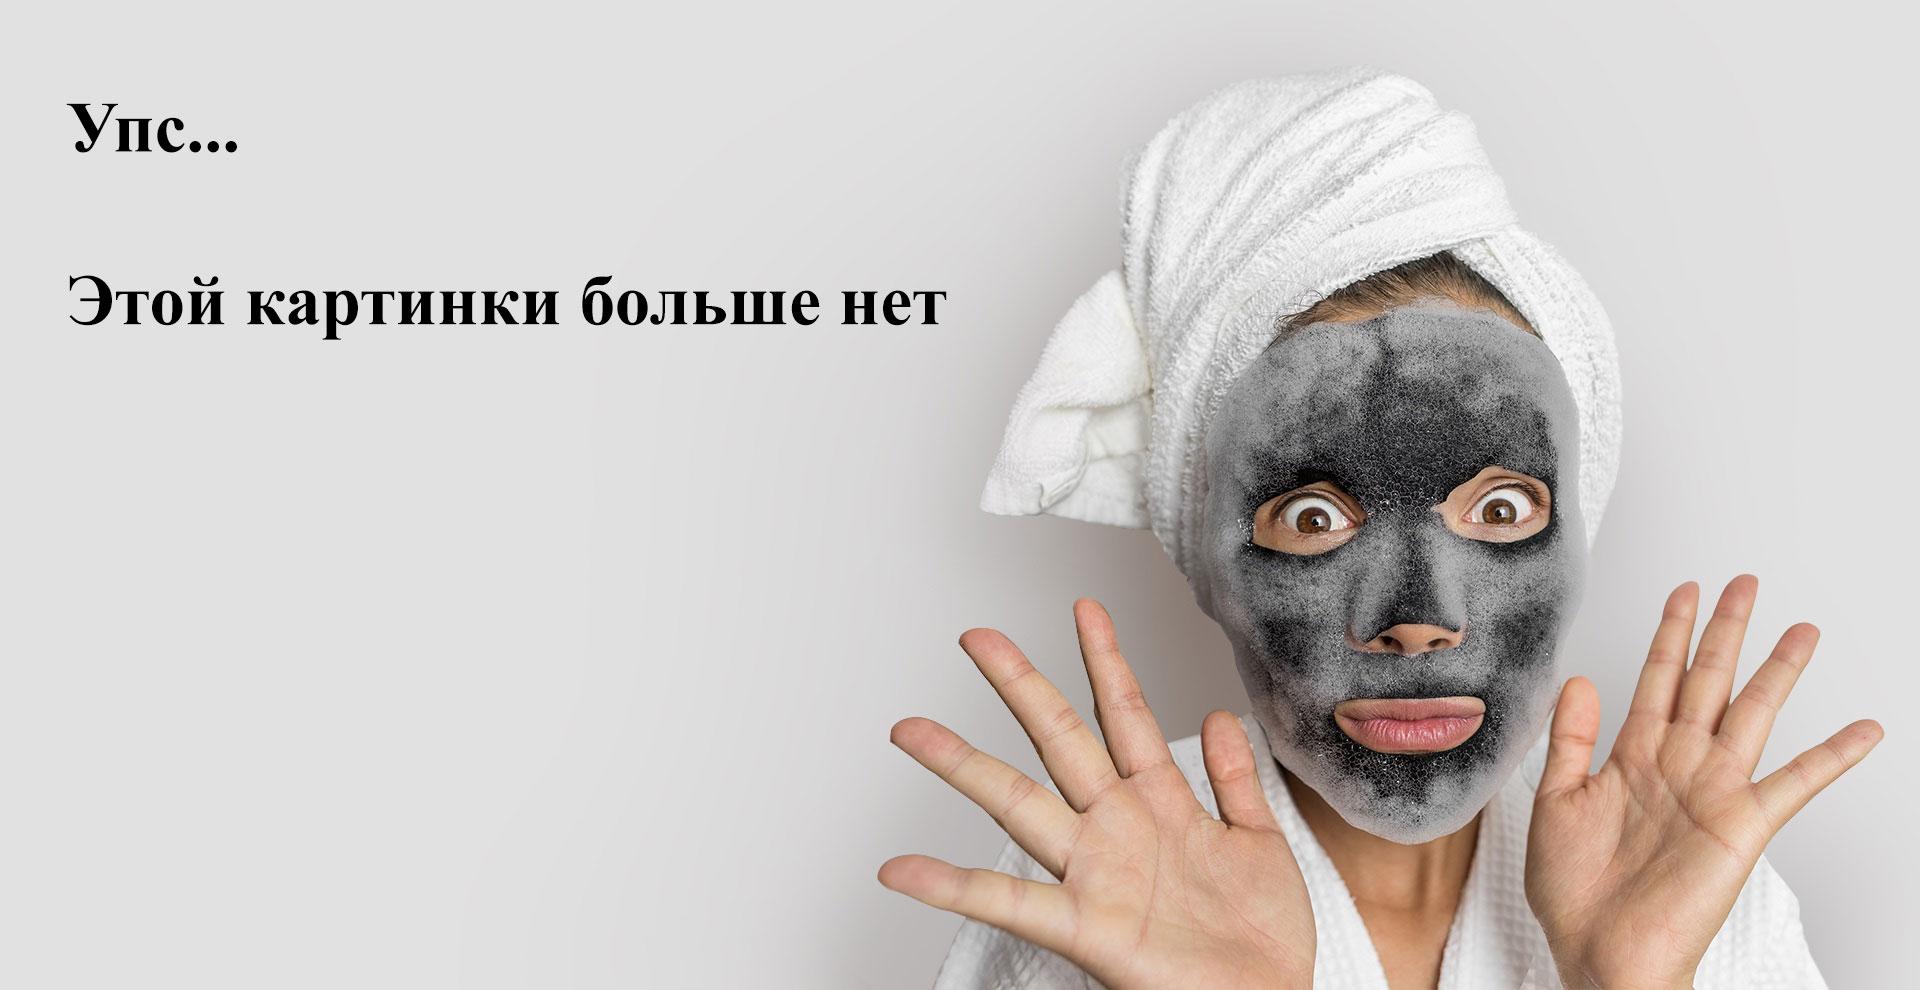 SHIK, Кисть для макияжа №40Т, синтетическая